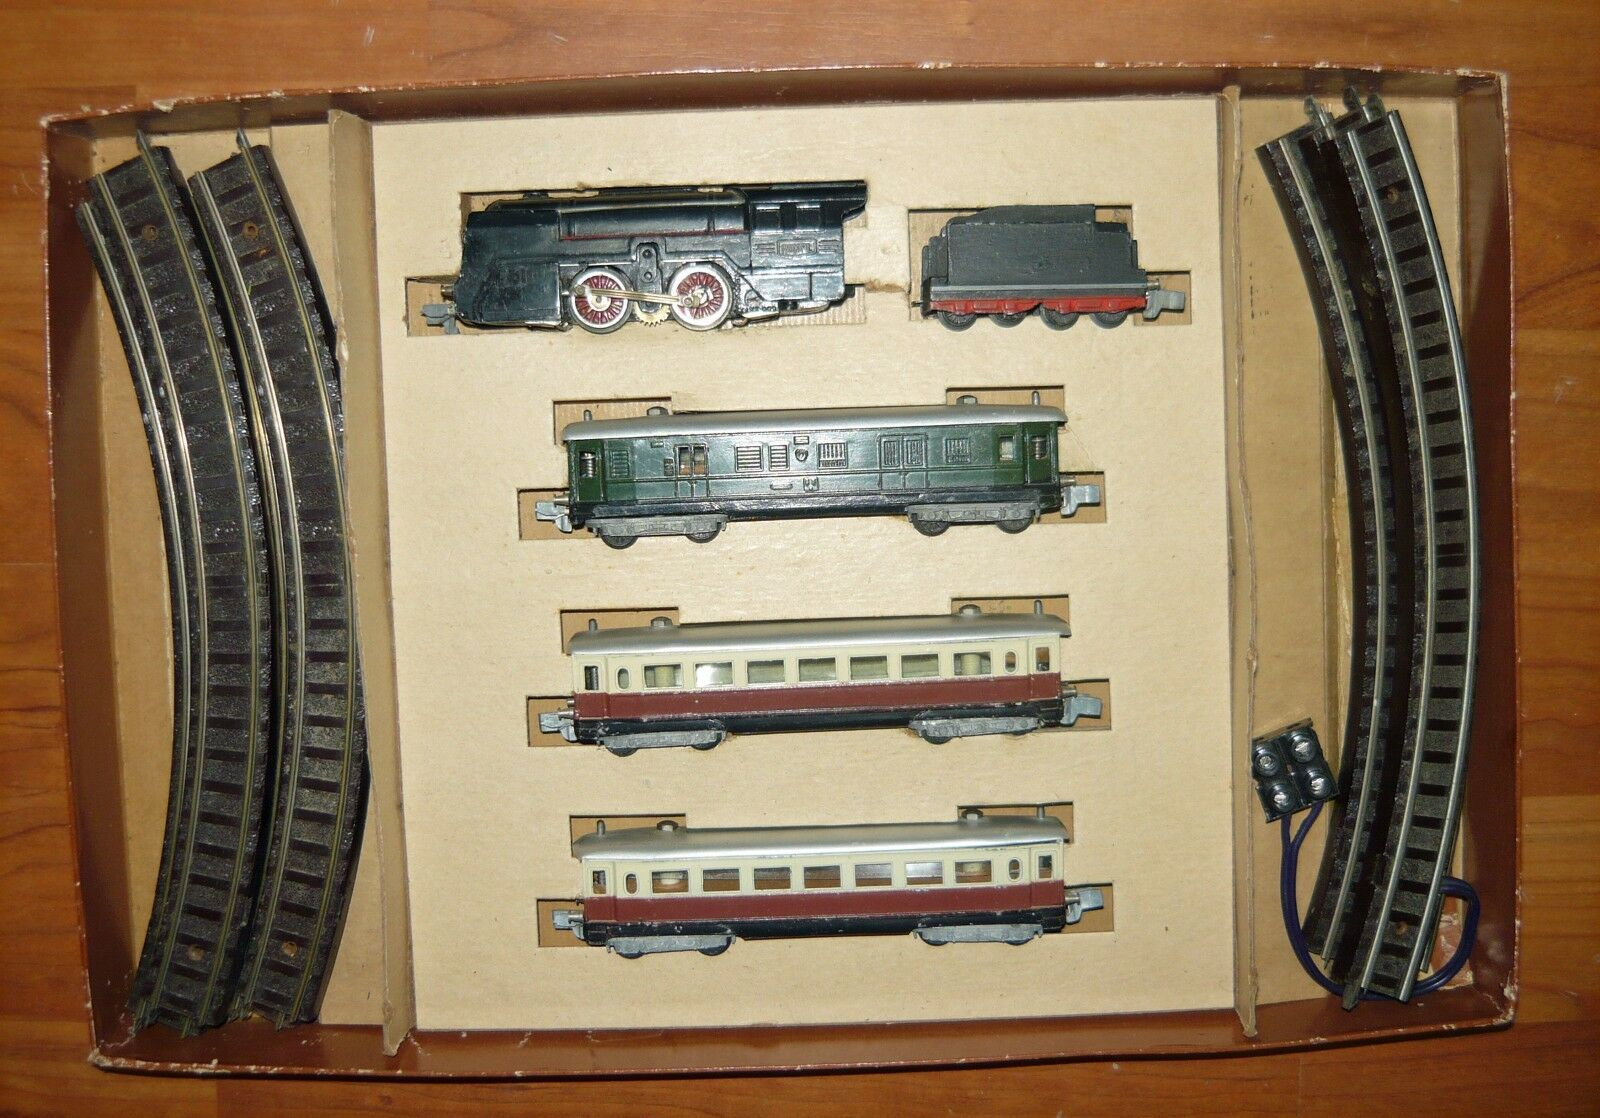 Rokal, startset de 1948, líneas de electricidad +3 máquina de vapor carro, tt, rar, usado & en embalaje original